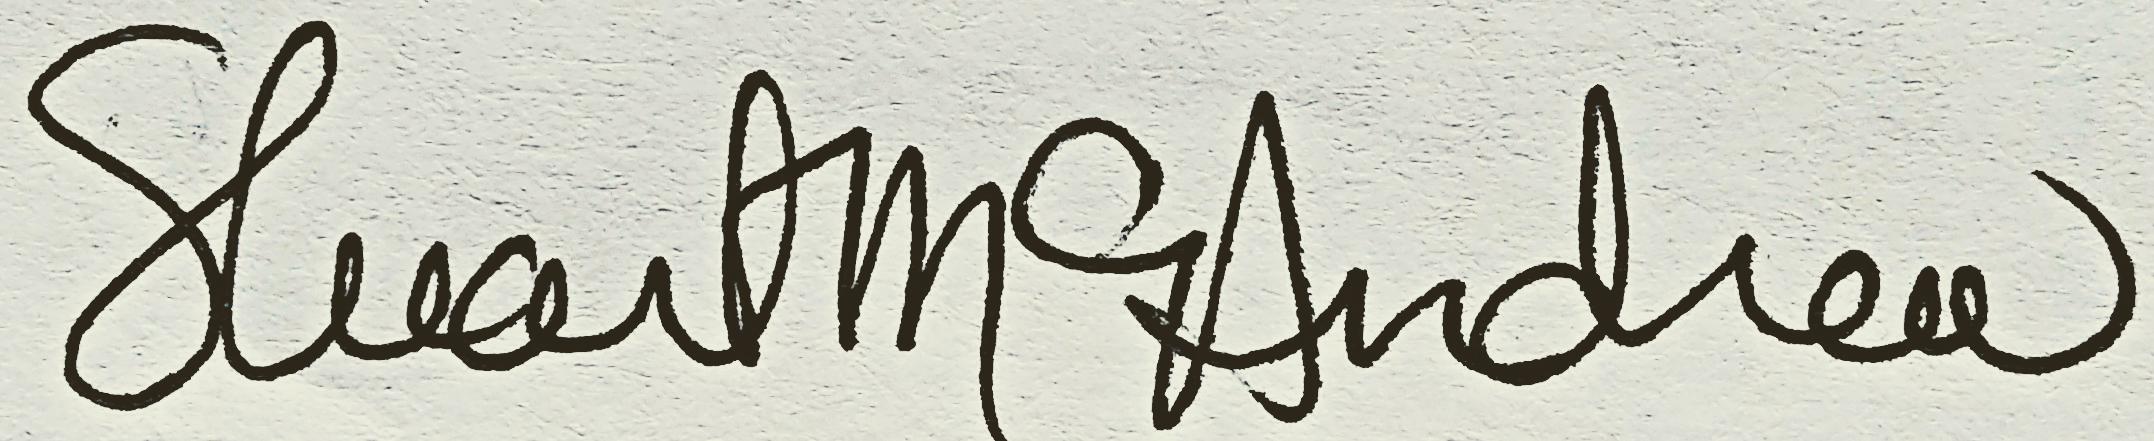 stuart mc andrew's Signature